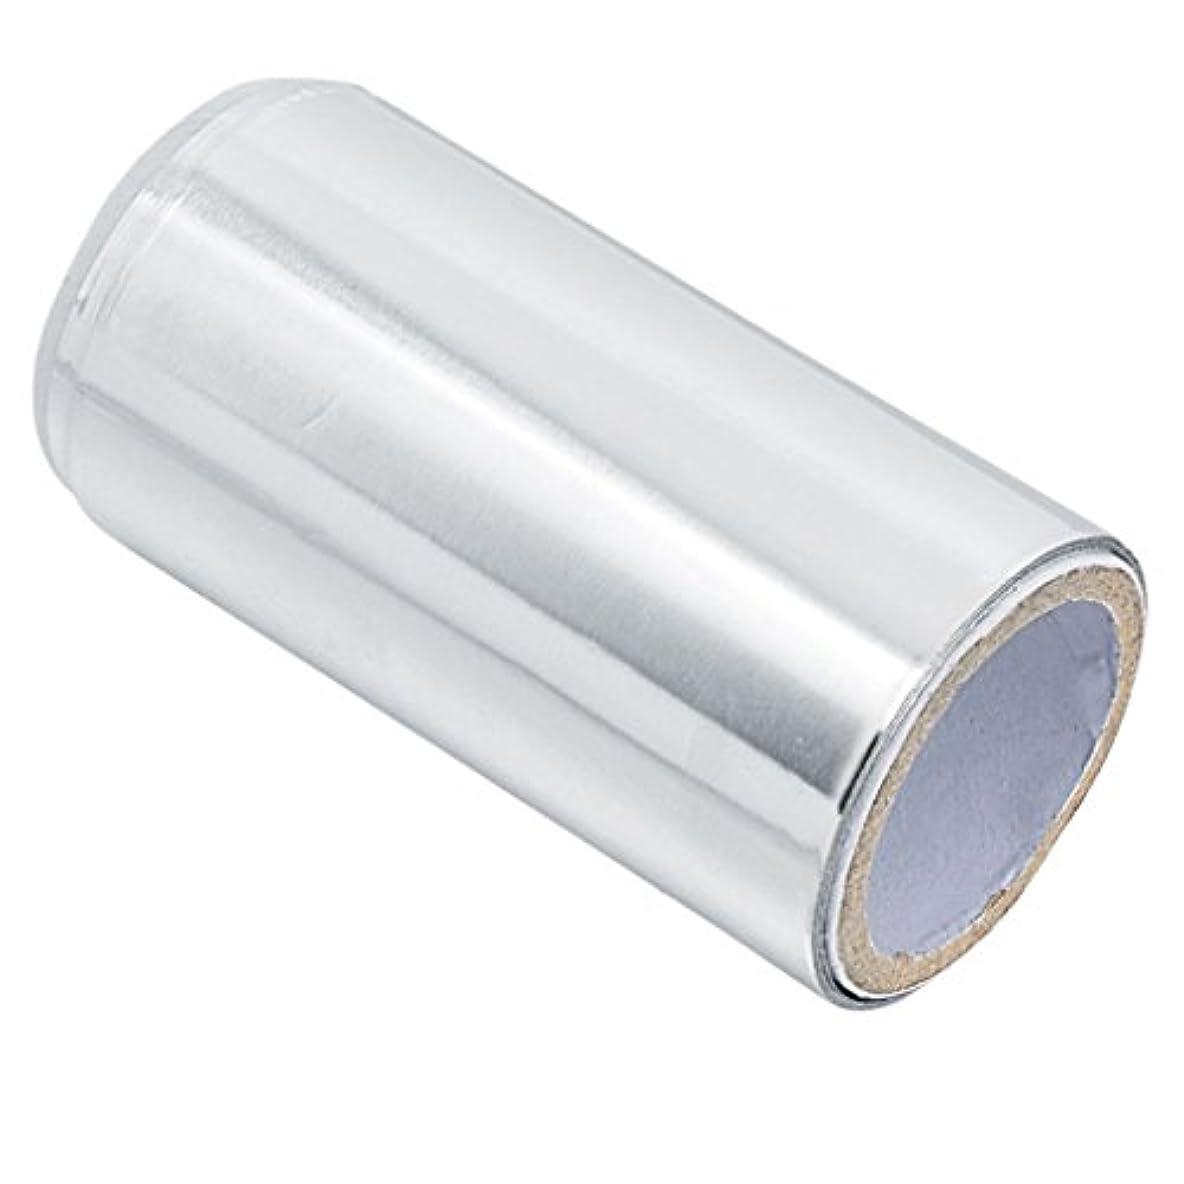 CUTICATE マニキュア錫箔紙 ヘア/ネイル用 ジェル除却 ヘアパーマ 約5m